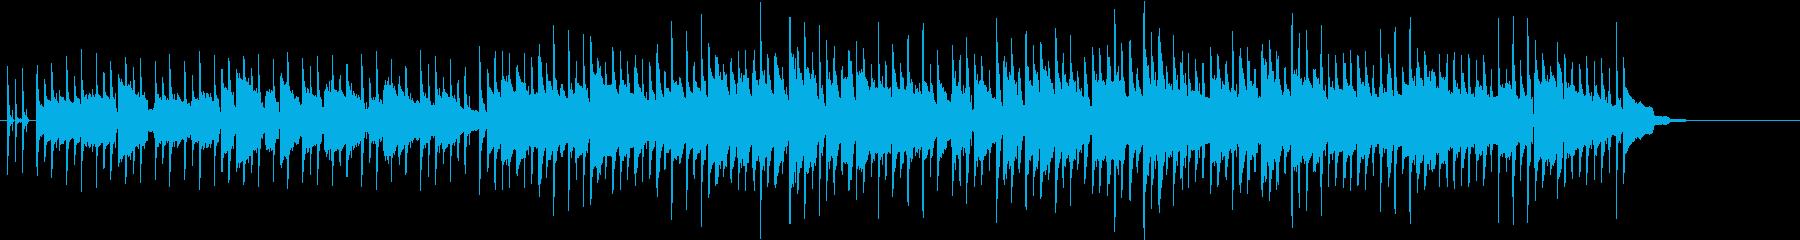 機械的でクールなBGMの再生済みの波形